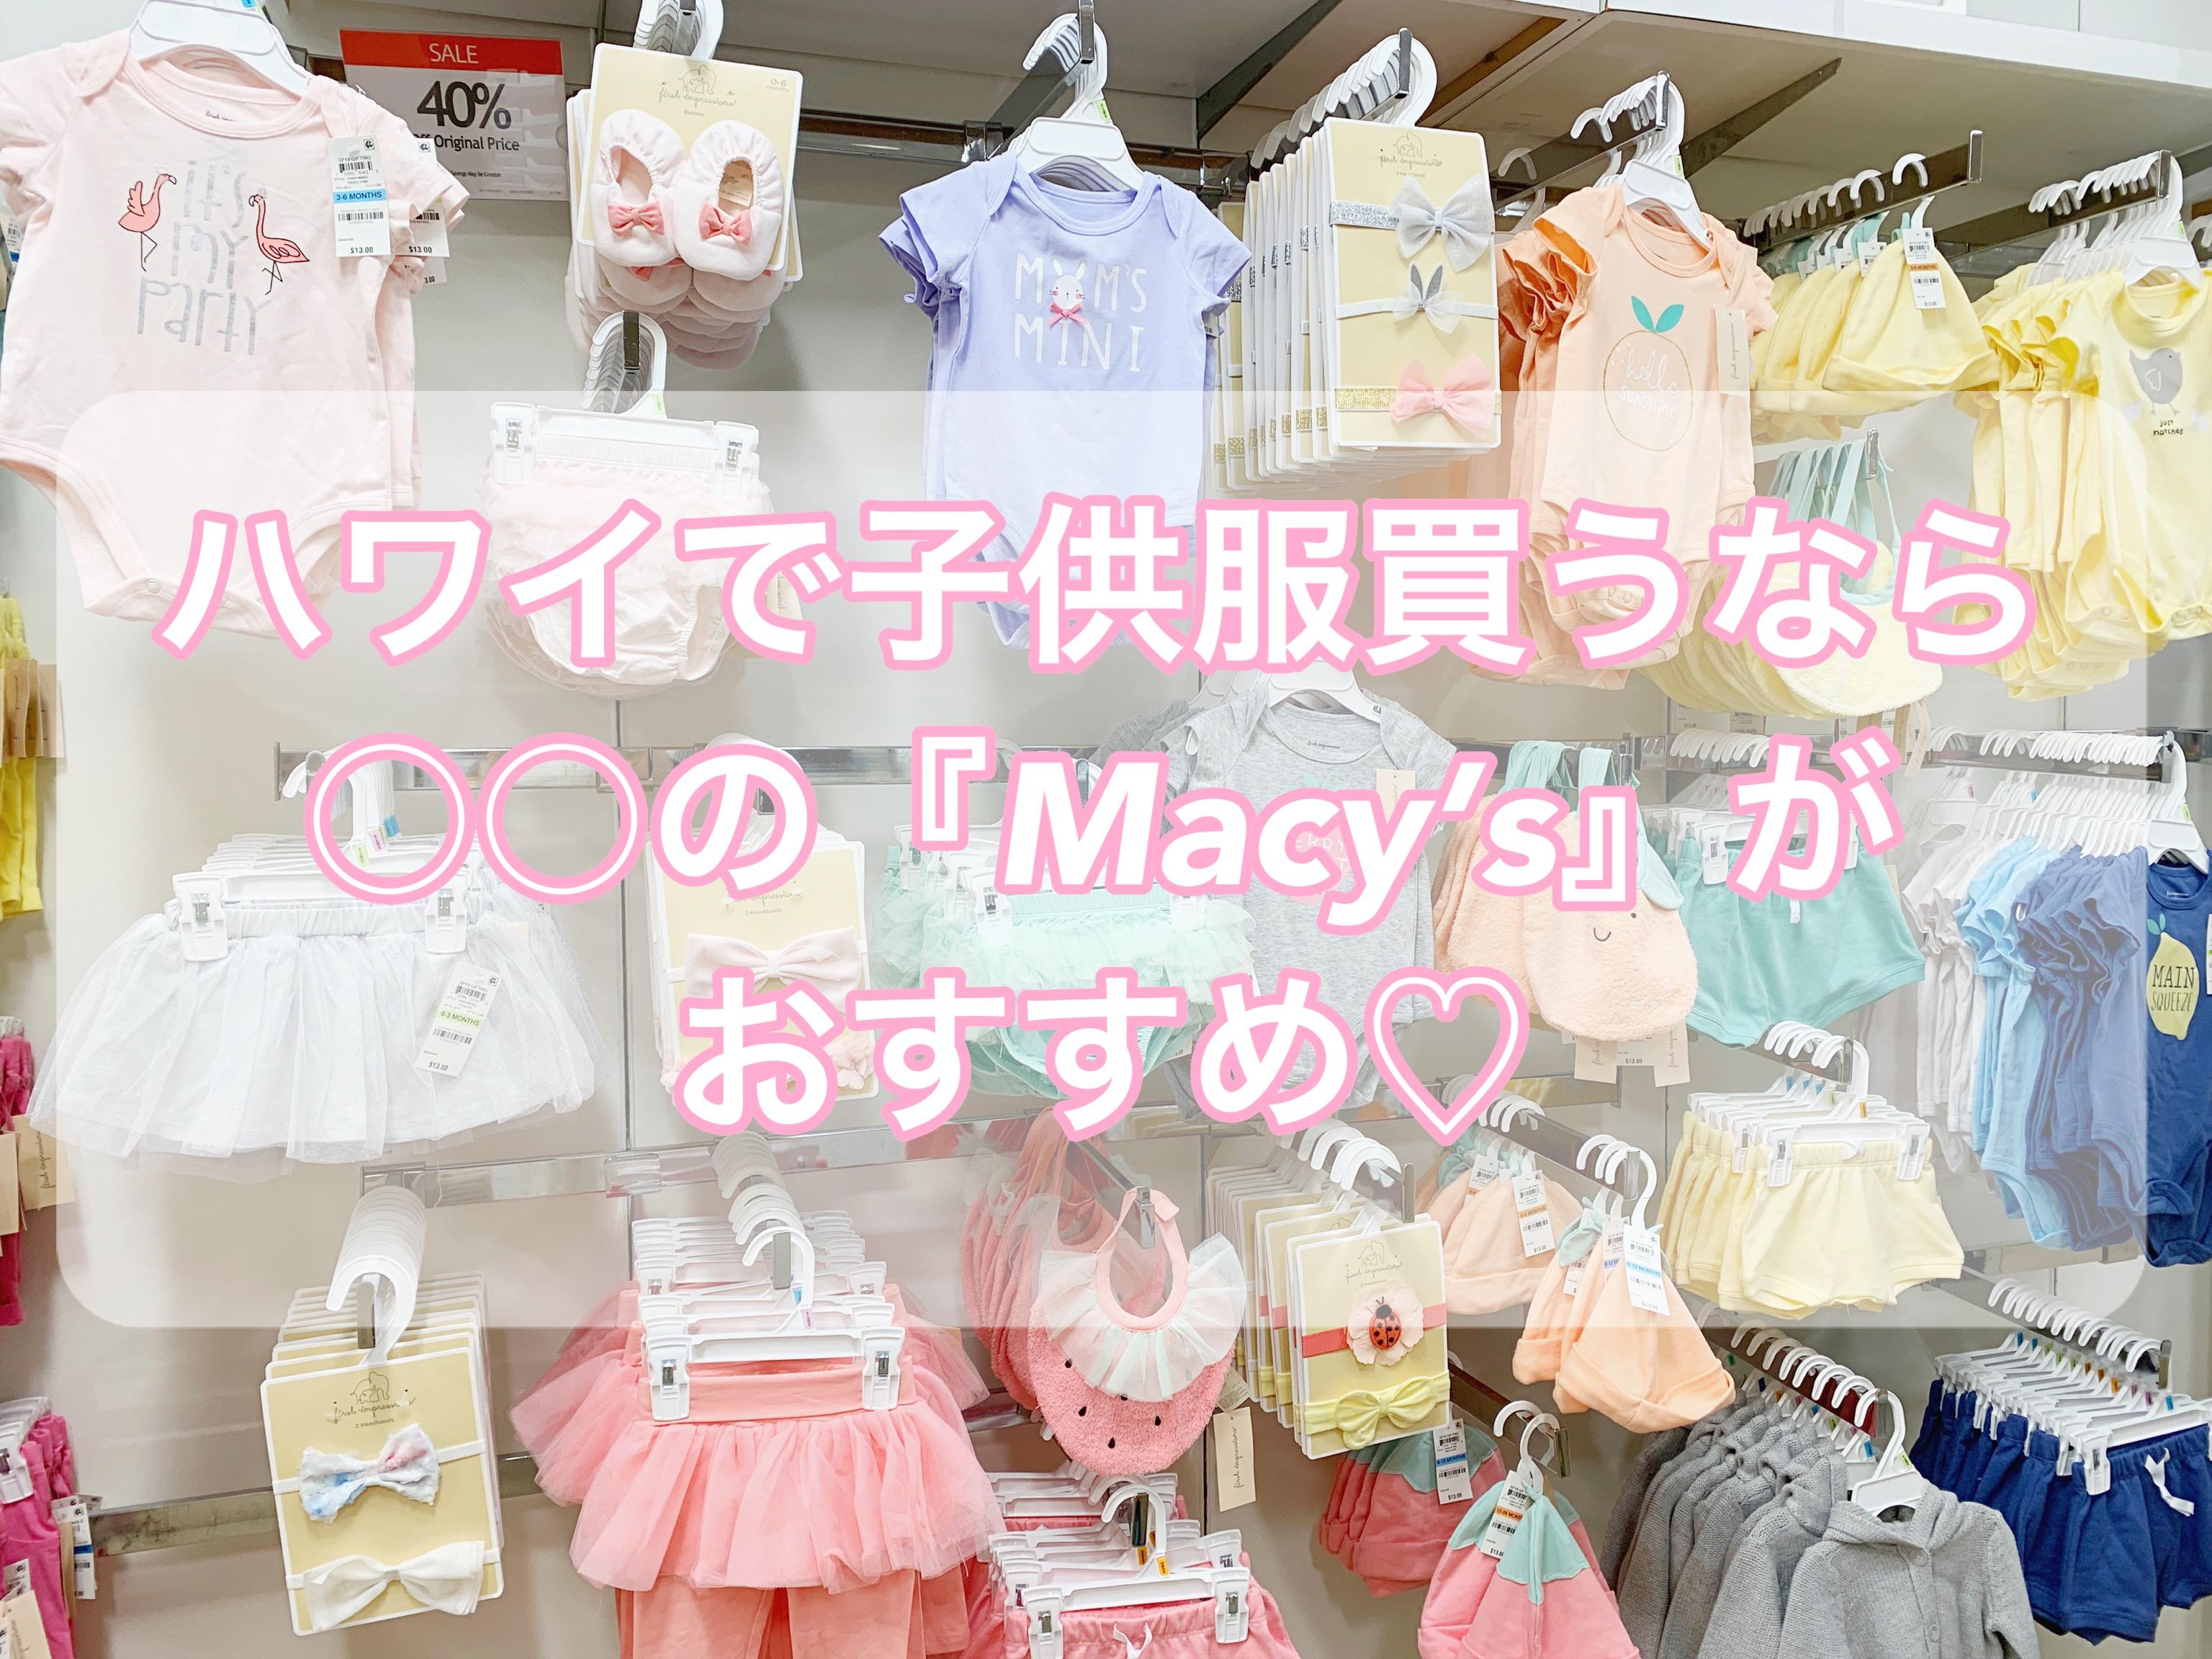 【子連れハワイ】ベビー・子供服はアラモアナセンター「Macy's(メイシーズ)」がおすすめ【安い】